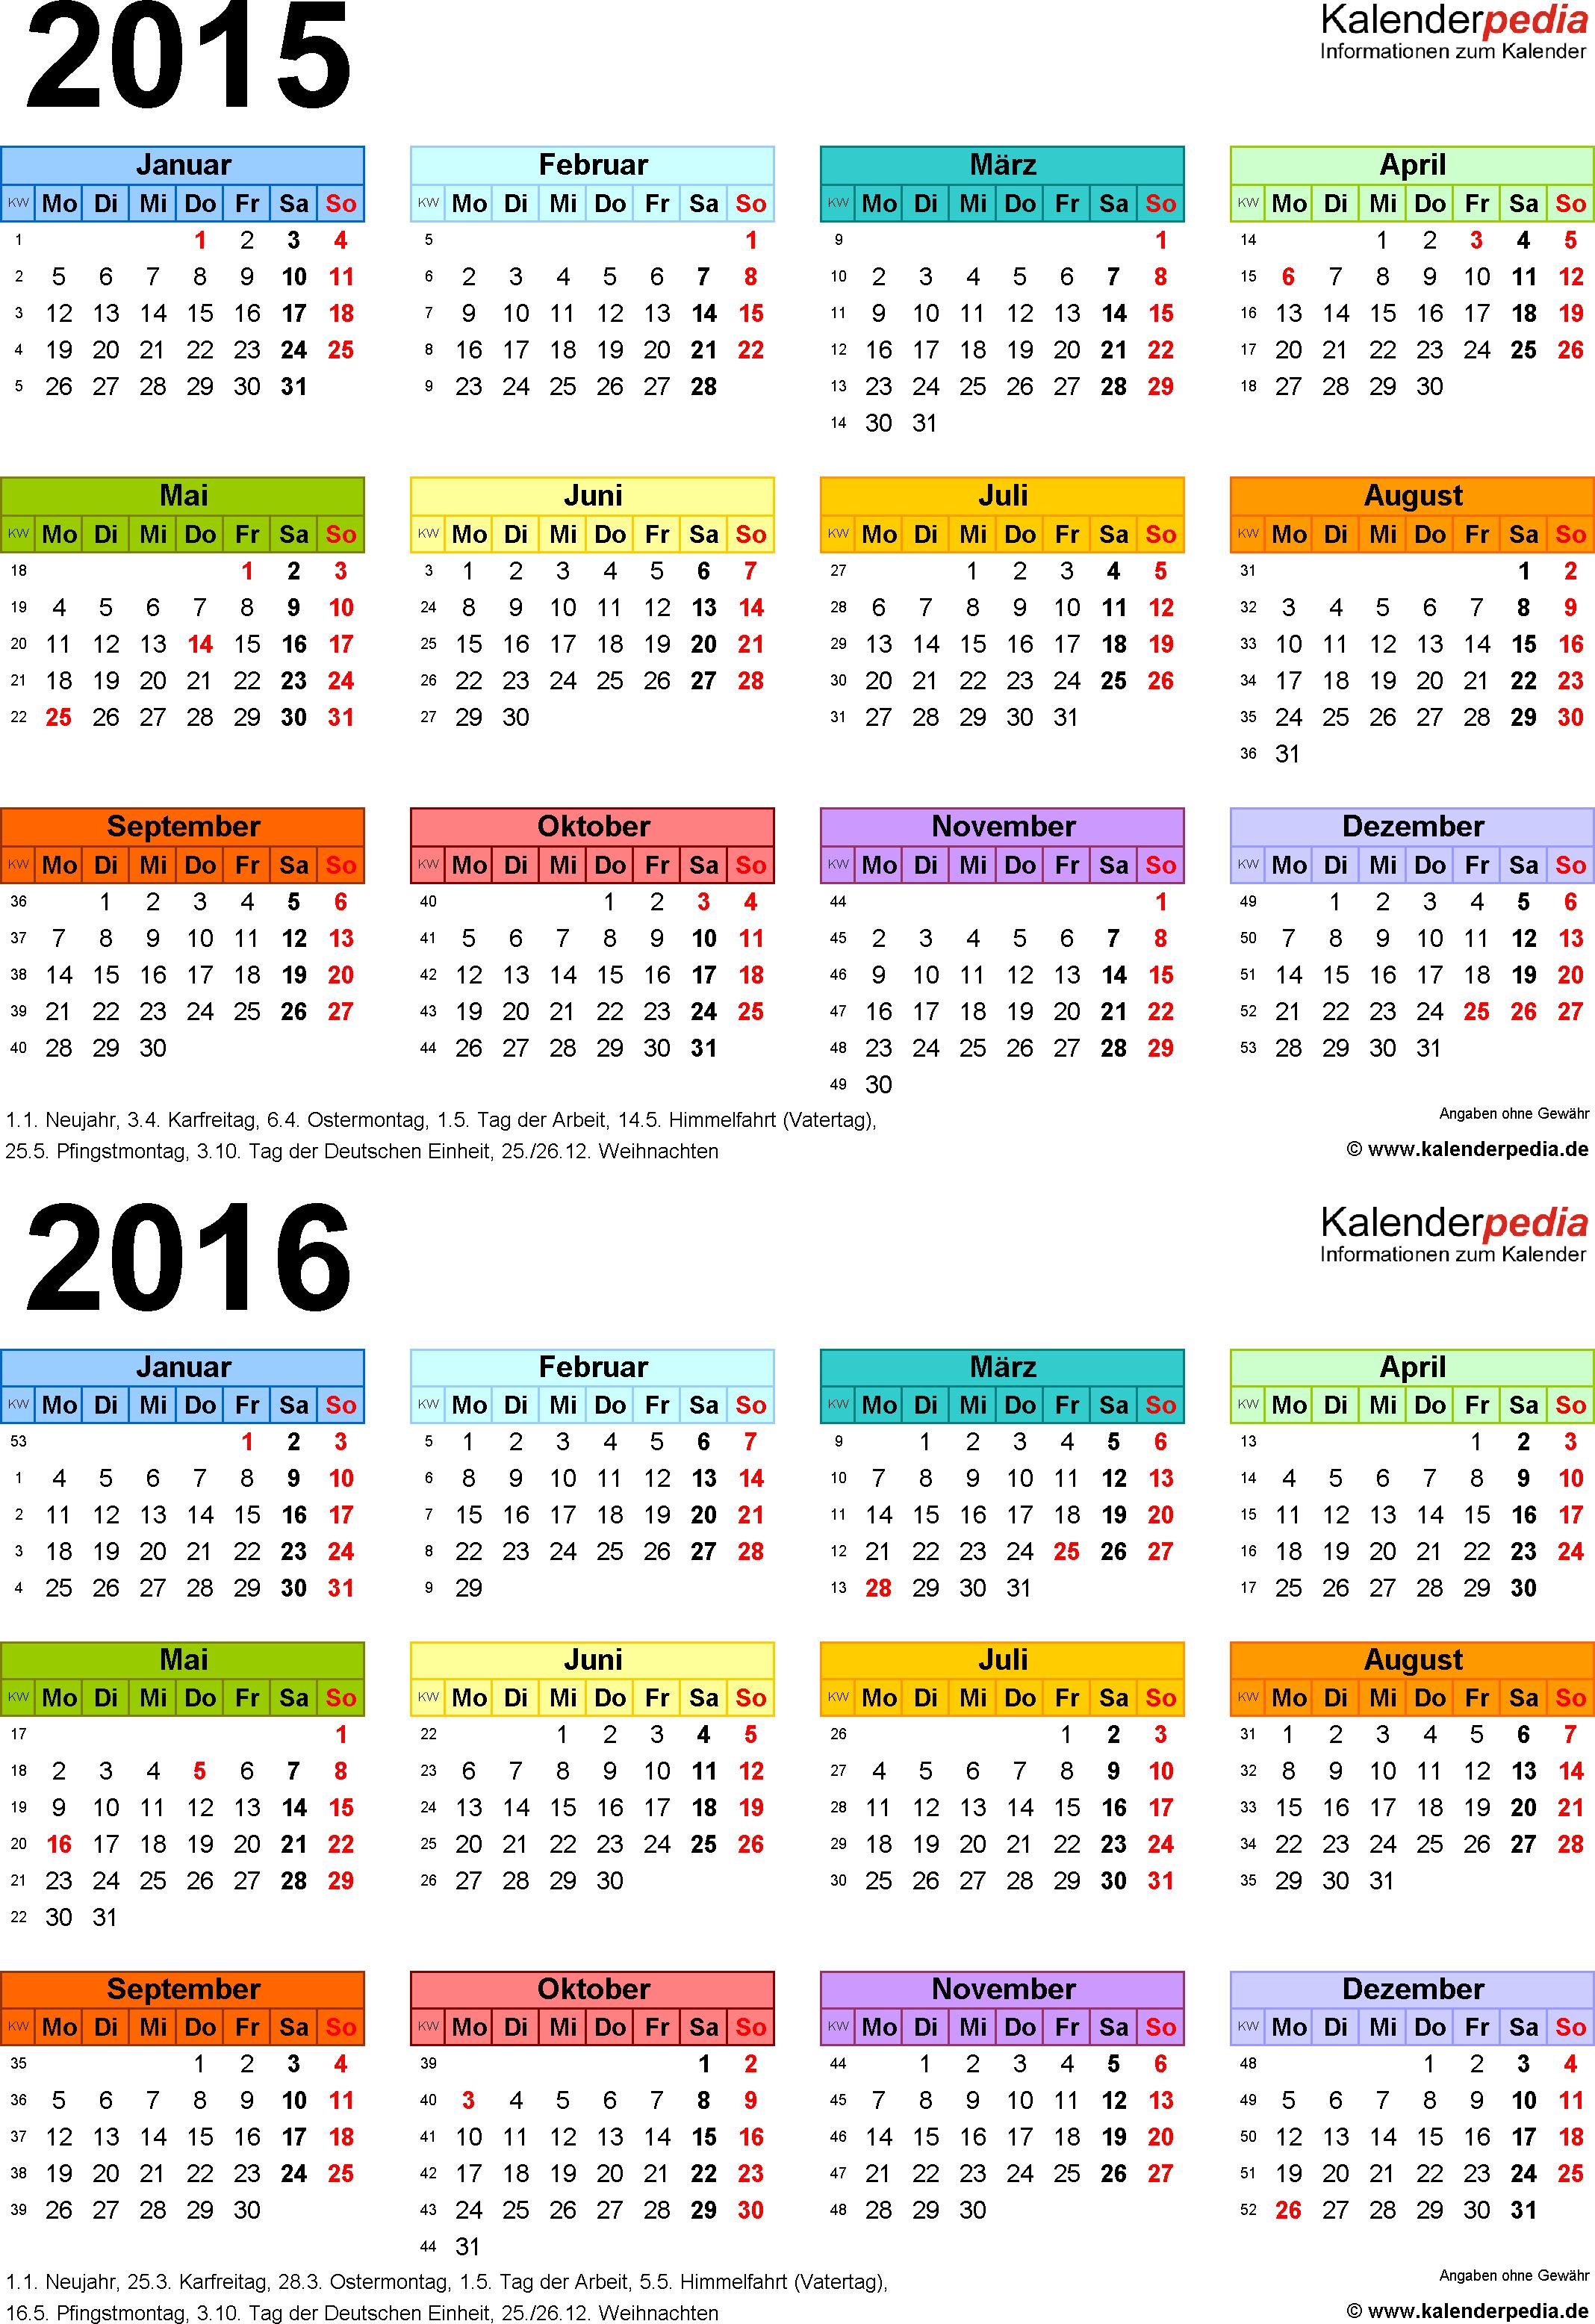 Excel-Vorlage für Zweijahreskalender 2015/2016 (Hochformat, 1 Seite, in Farbe)